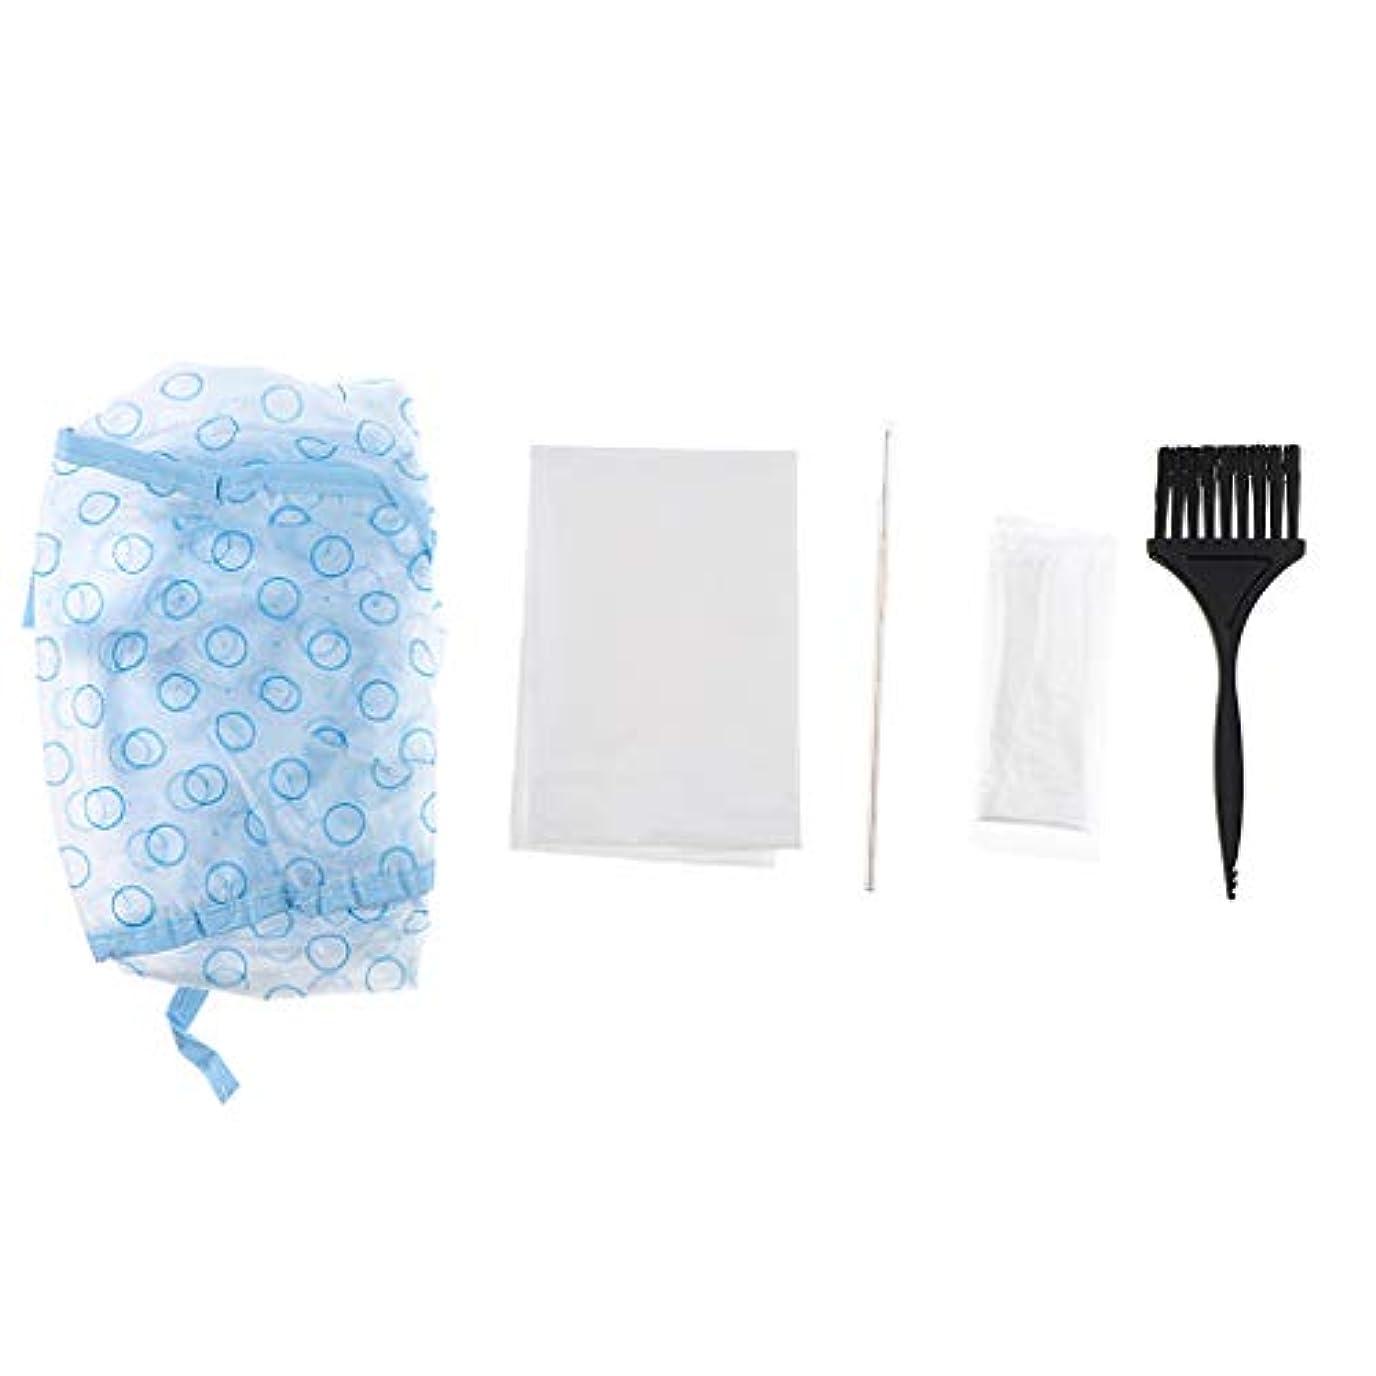 変装した抽象同等の髪染めブラシ キャップ フック針 手袋 ヘア染めツールキット 5個セット